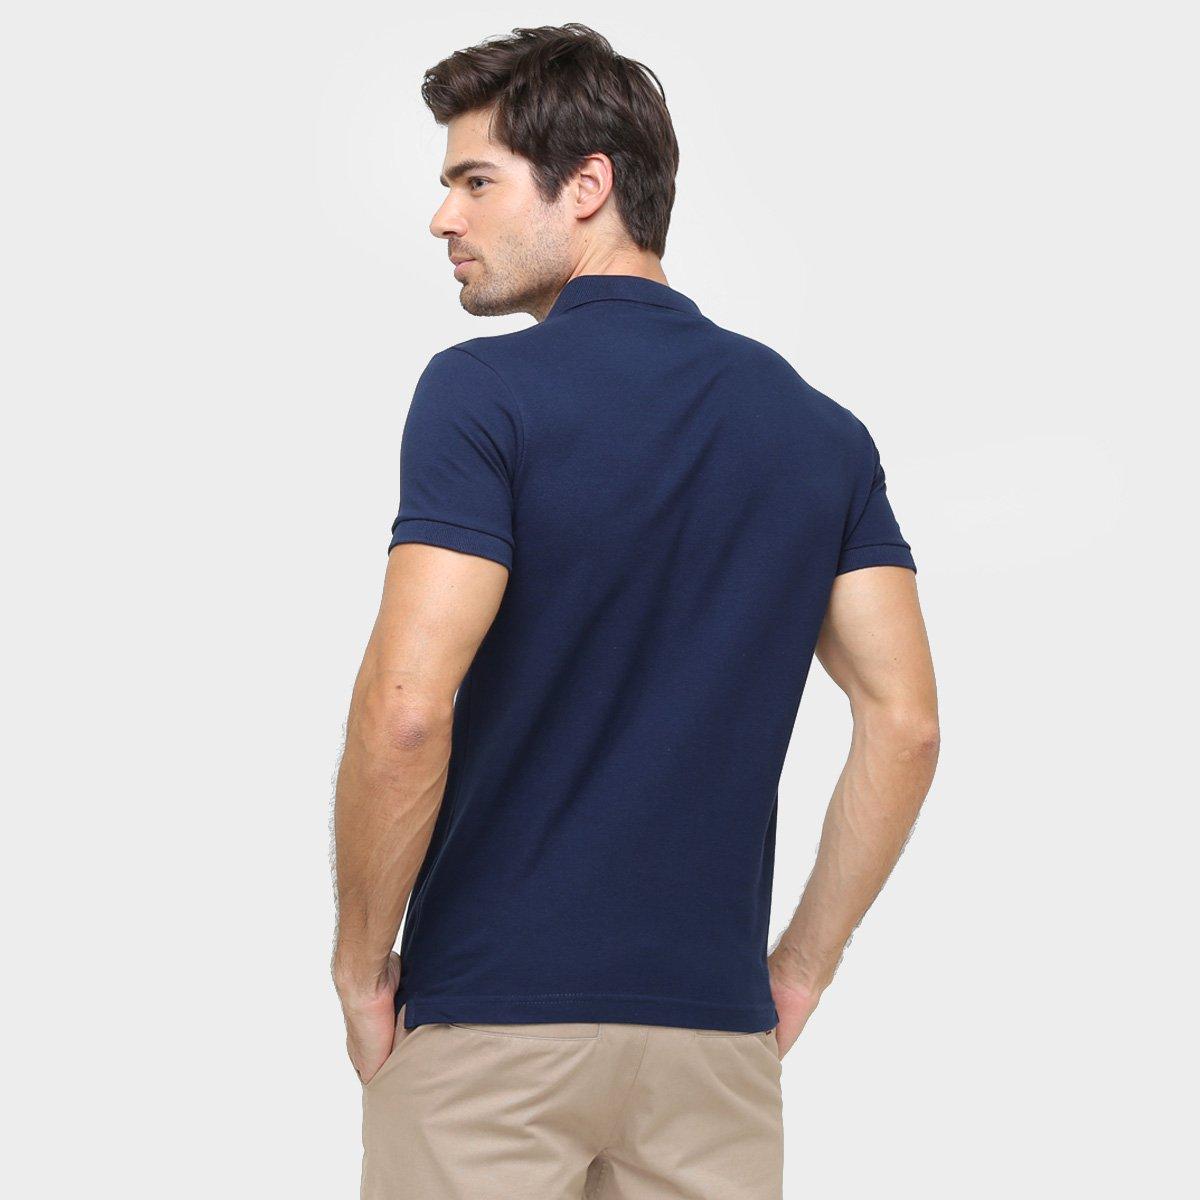 Camisa Polo Rg 518 Piquet Bordado Contraste Color - Marinho - Compre ... cde823e8629a8